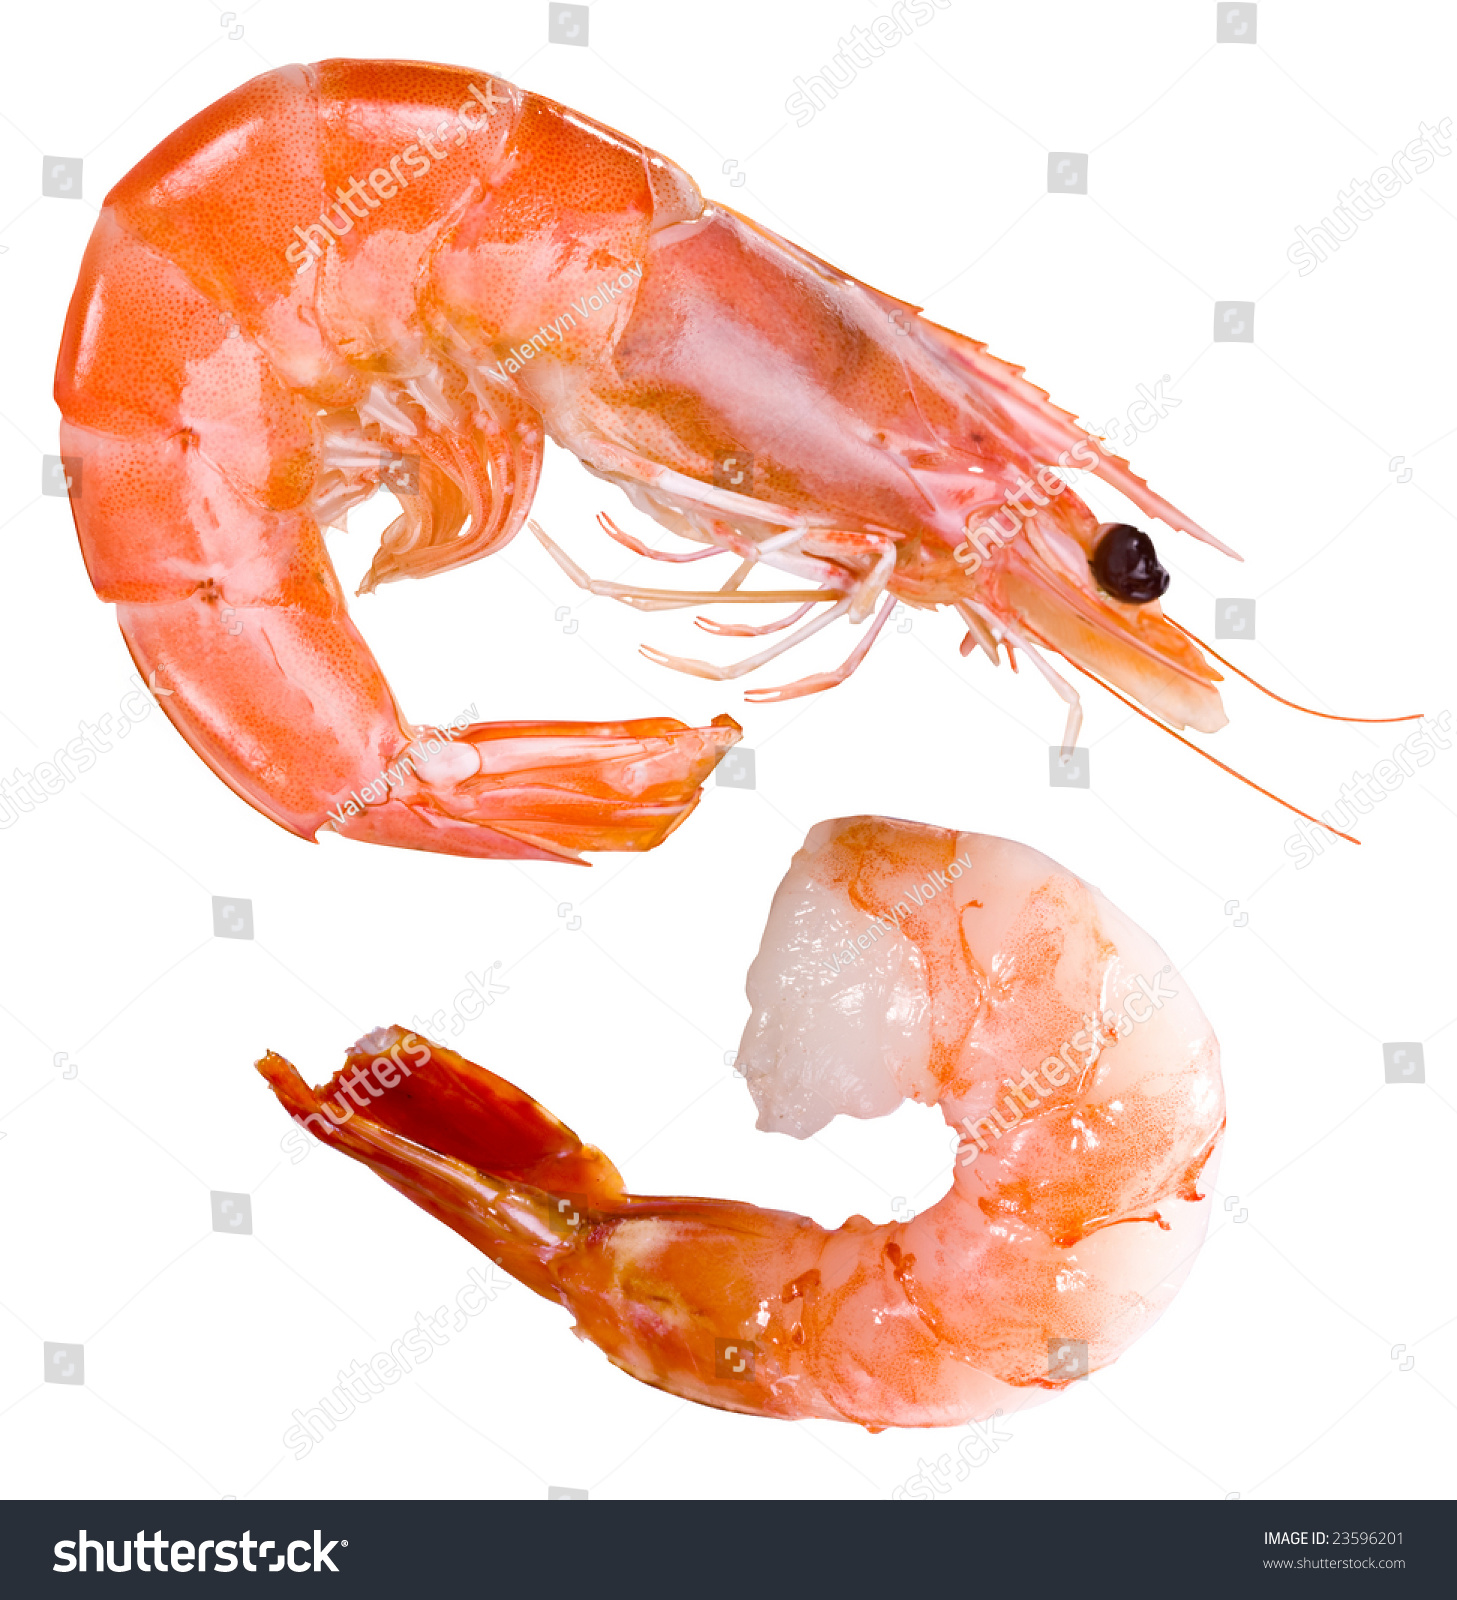 Shrimp Stock Photo 23596201 - Shutterstock